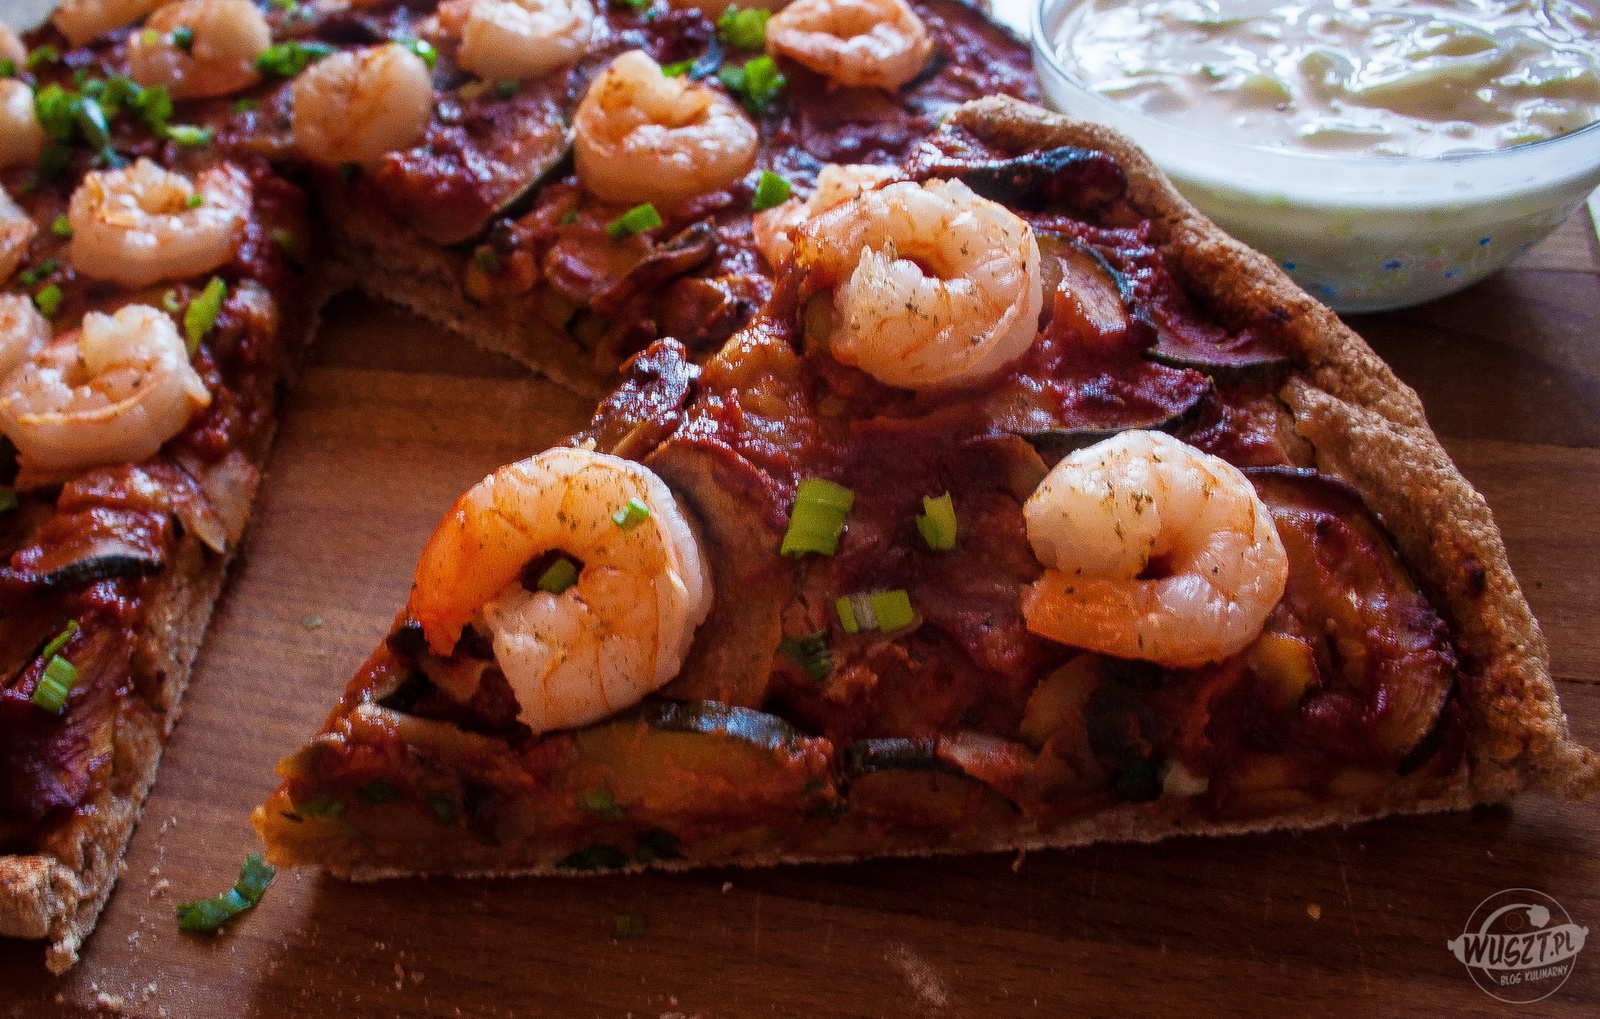 pizza  krewetki weglowodany montignac 2 104. Pizza z krewetkami [Montignac, Węglowodany]